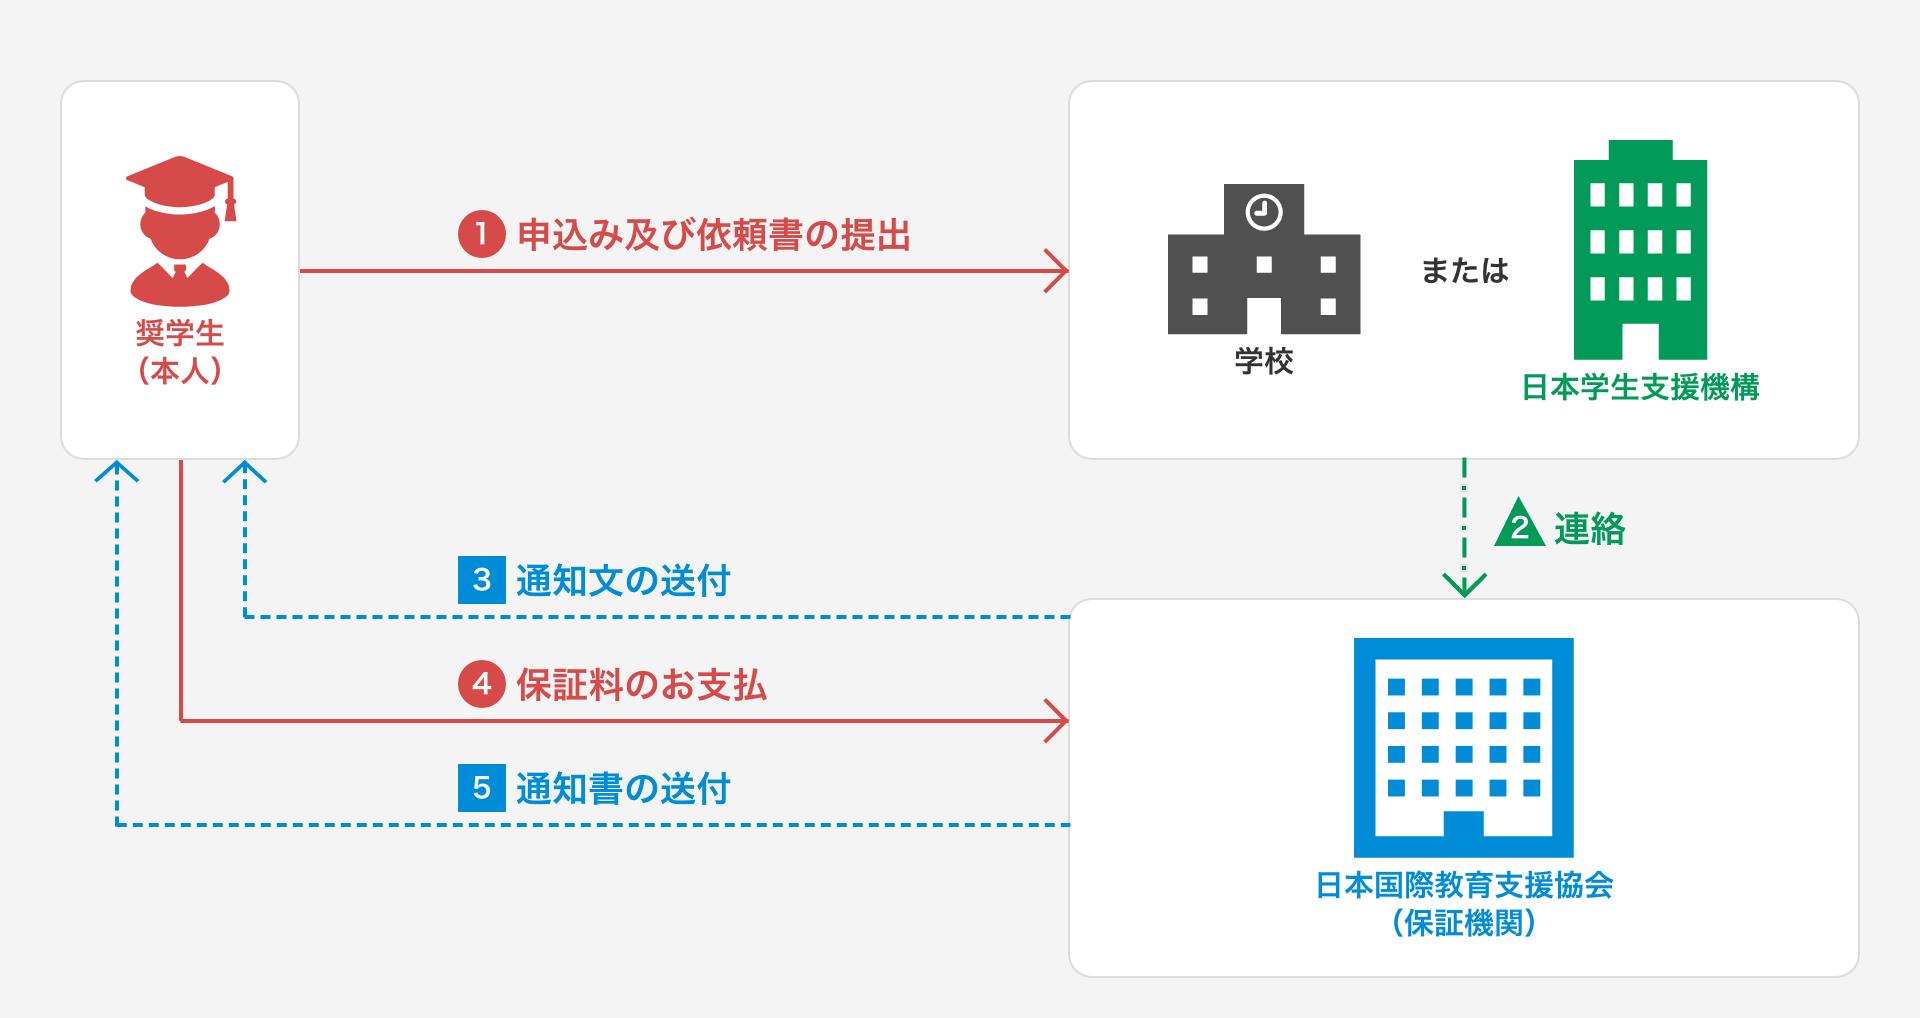 機関保証への変更の流れのイメージ